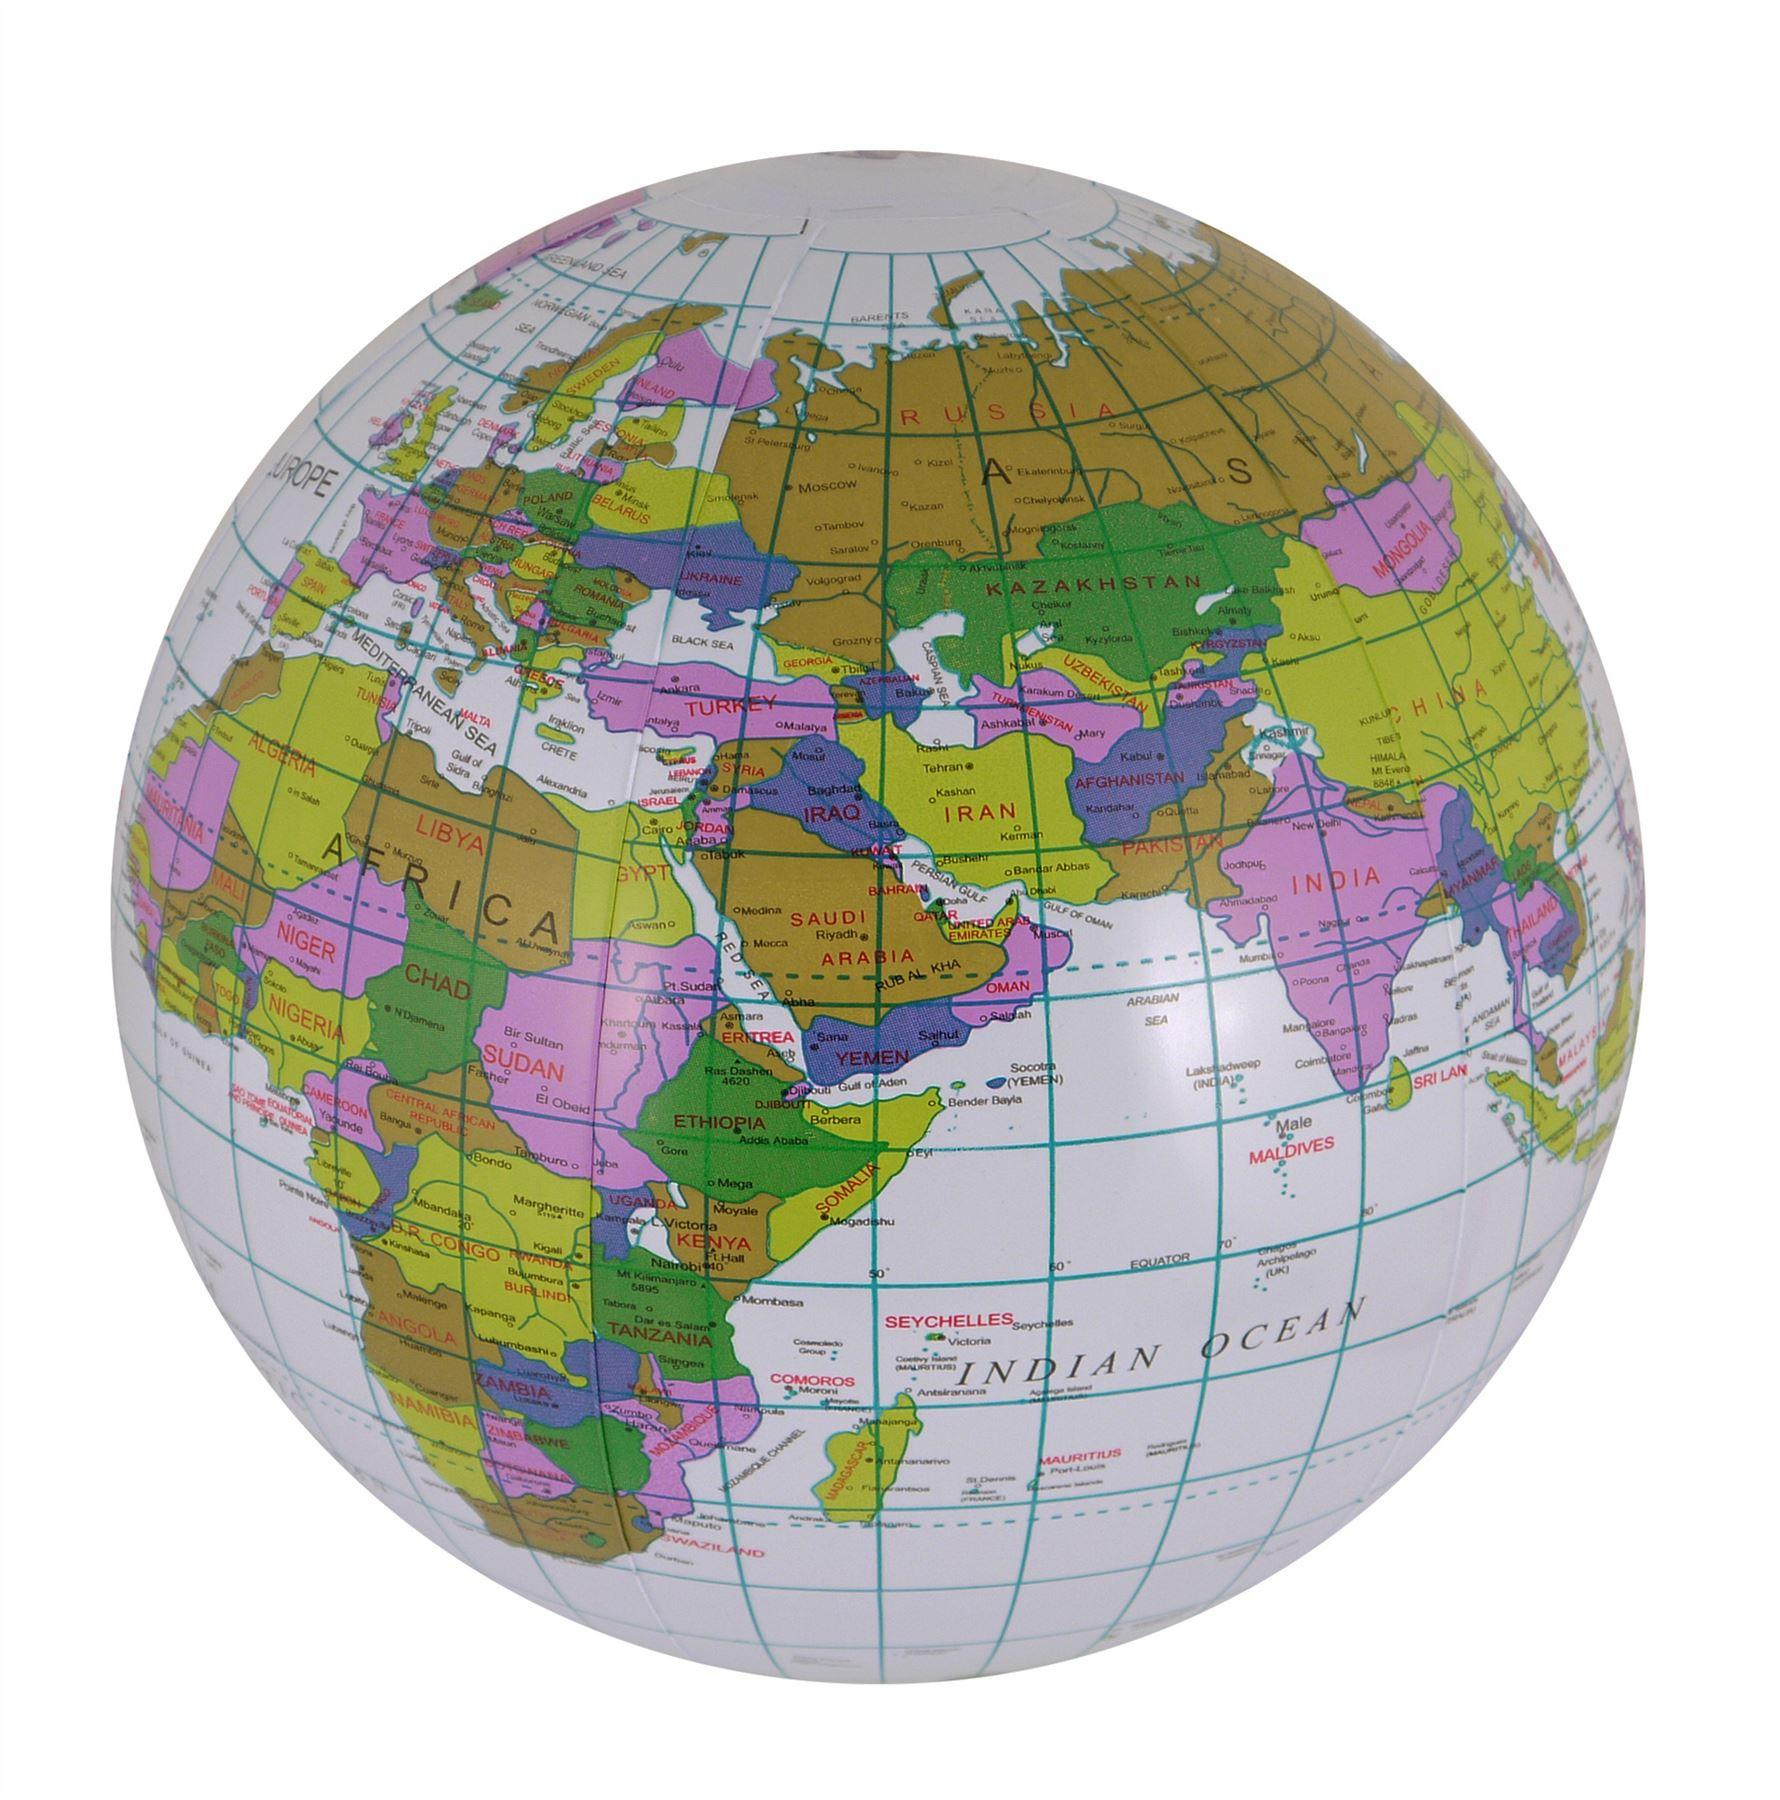 inflatable globe atlas world map earth educational learn 40cm beach ball